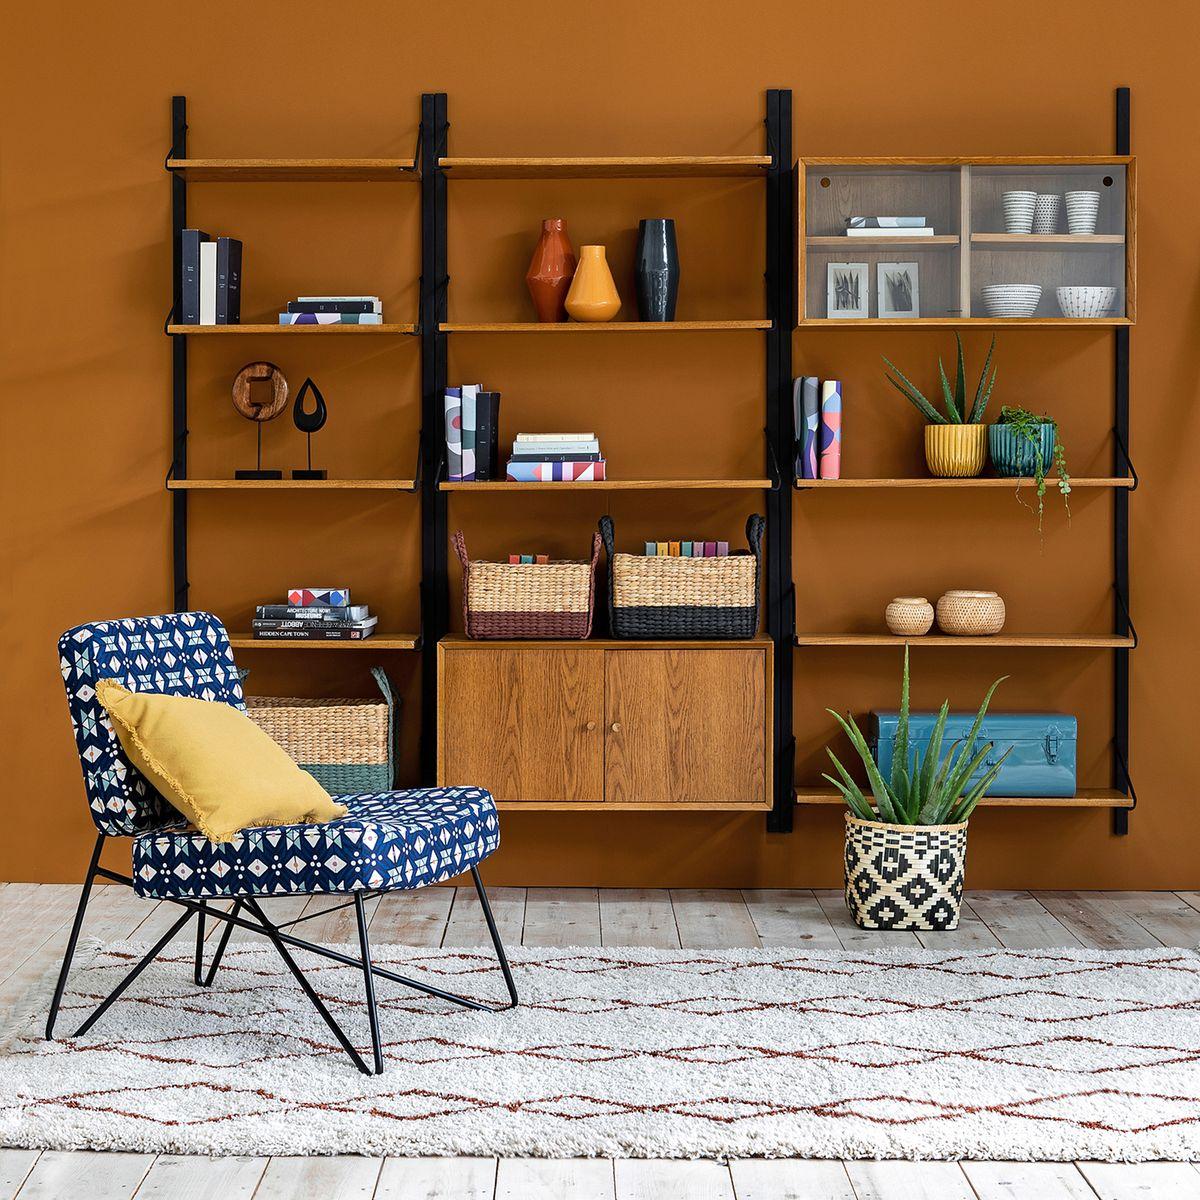 décoration mur orange ocre ethnique chic motif biblothèque espace cosy salon